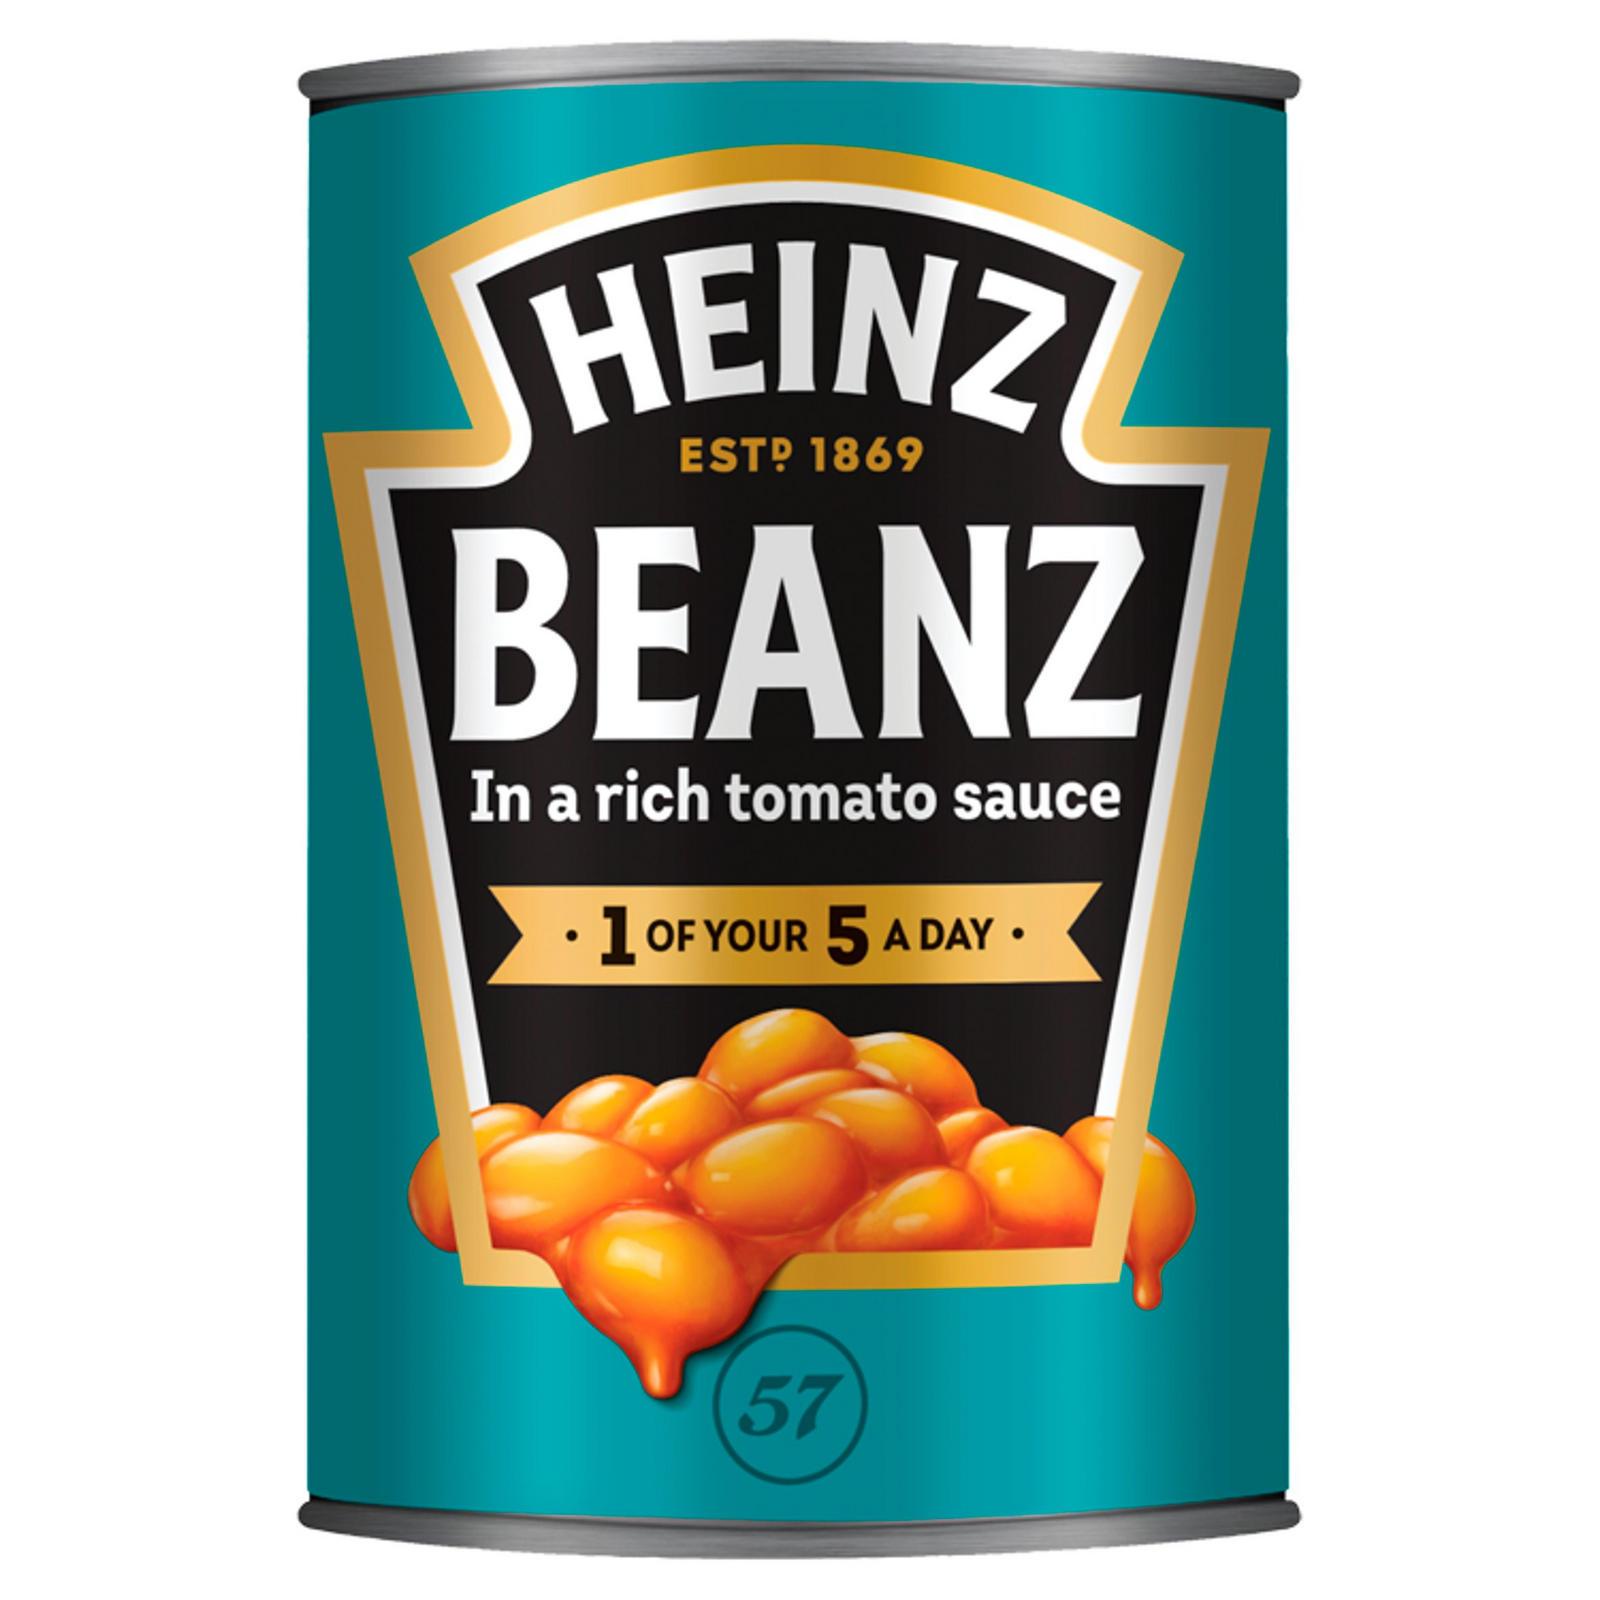 Heinz Beanz 415g - 50p @ Iceland